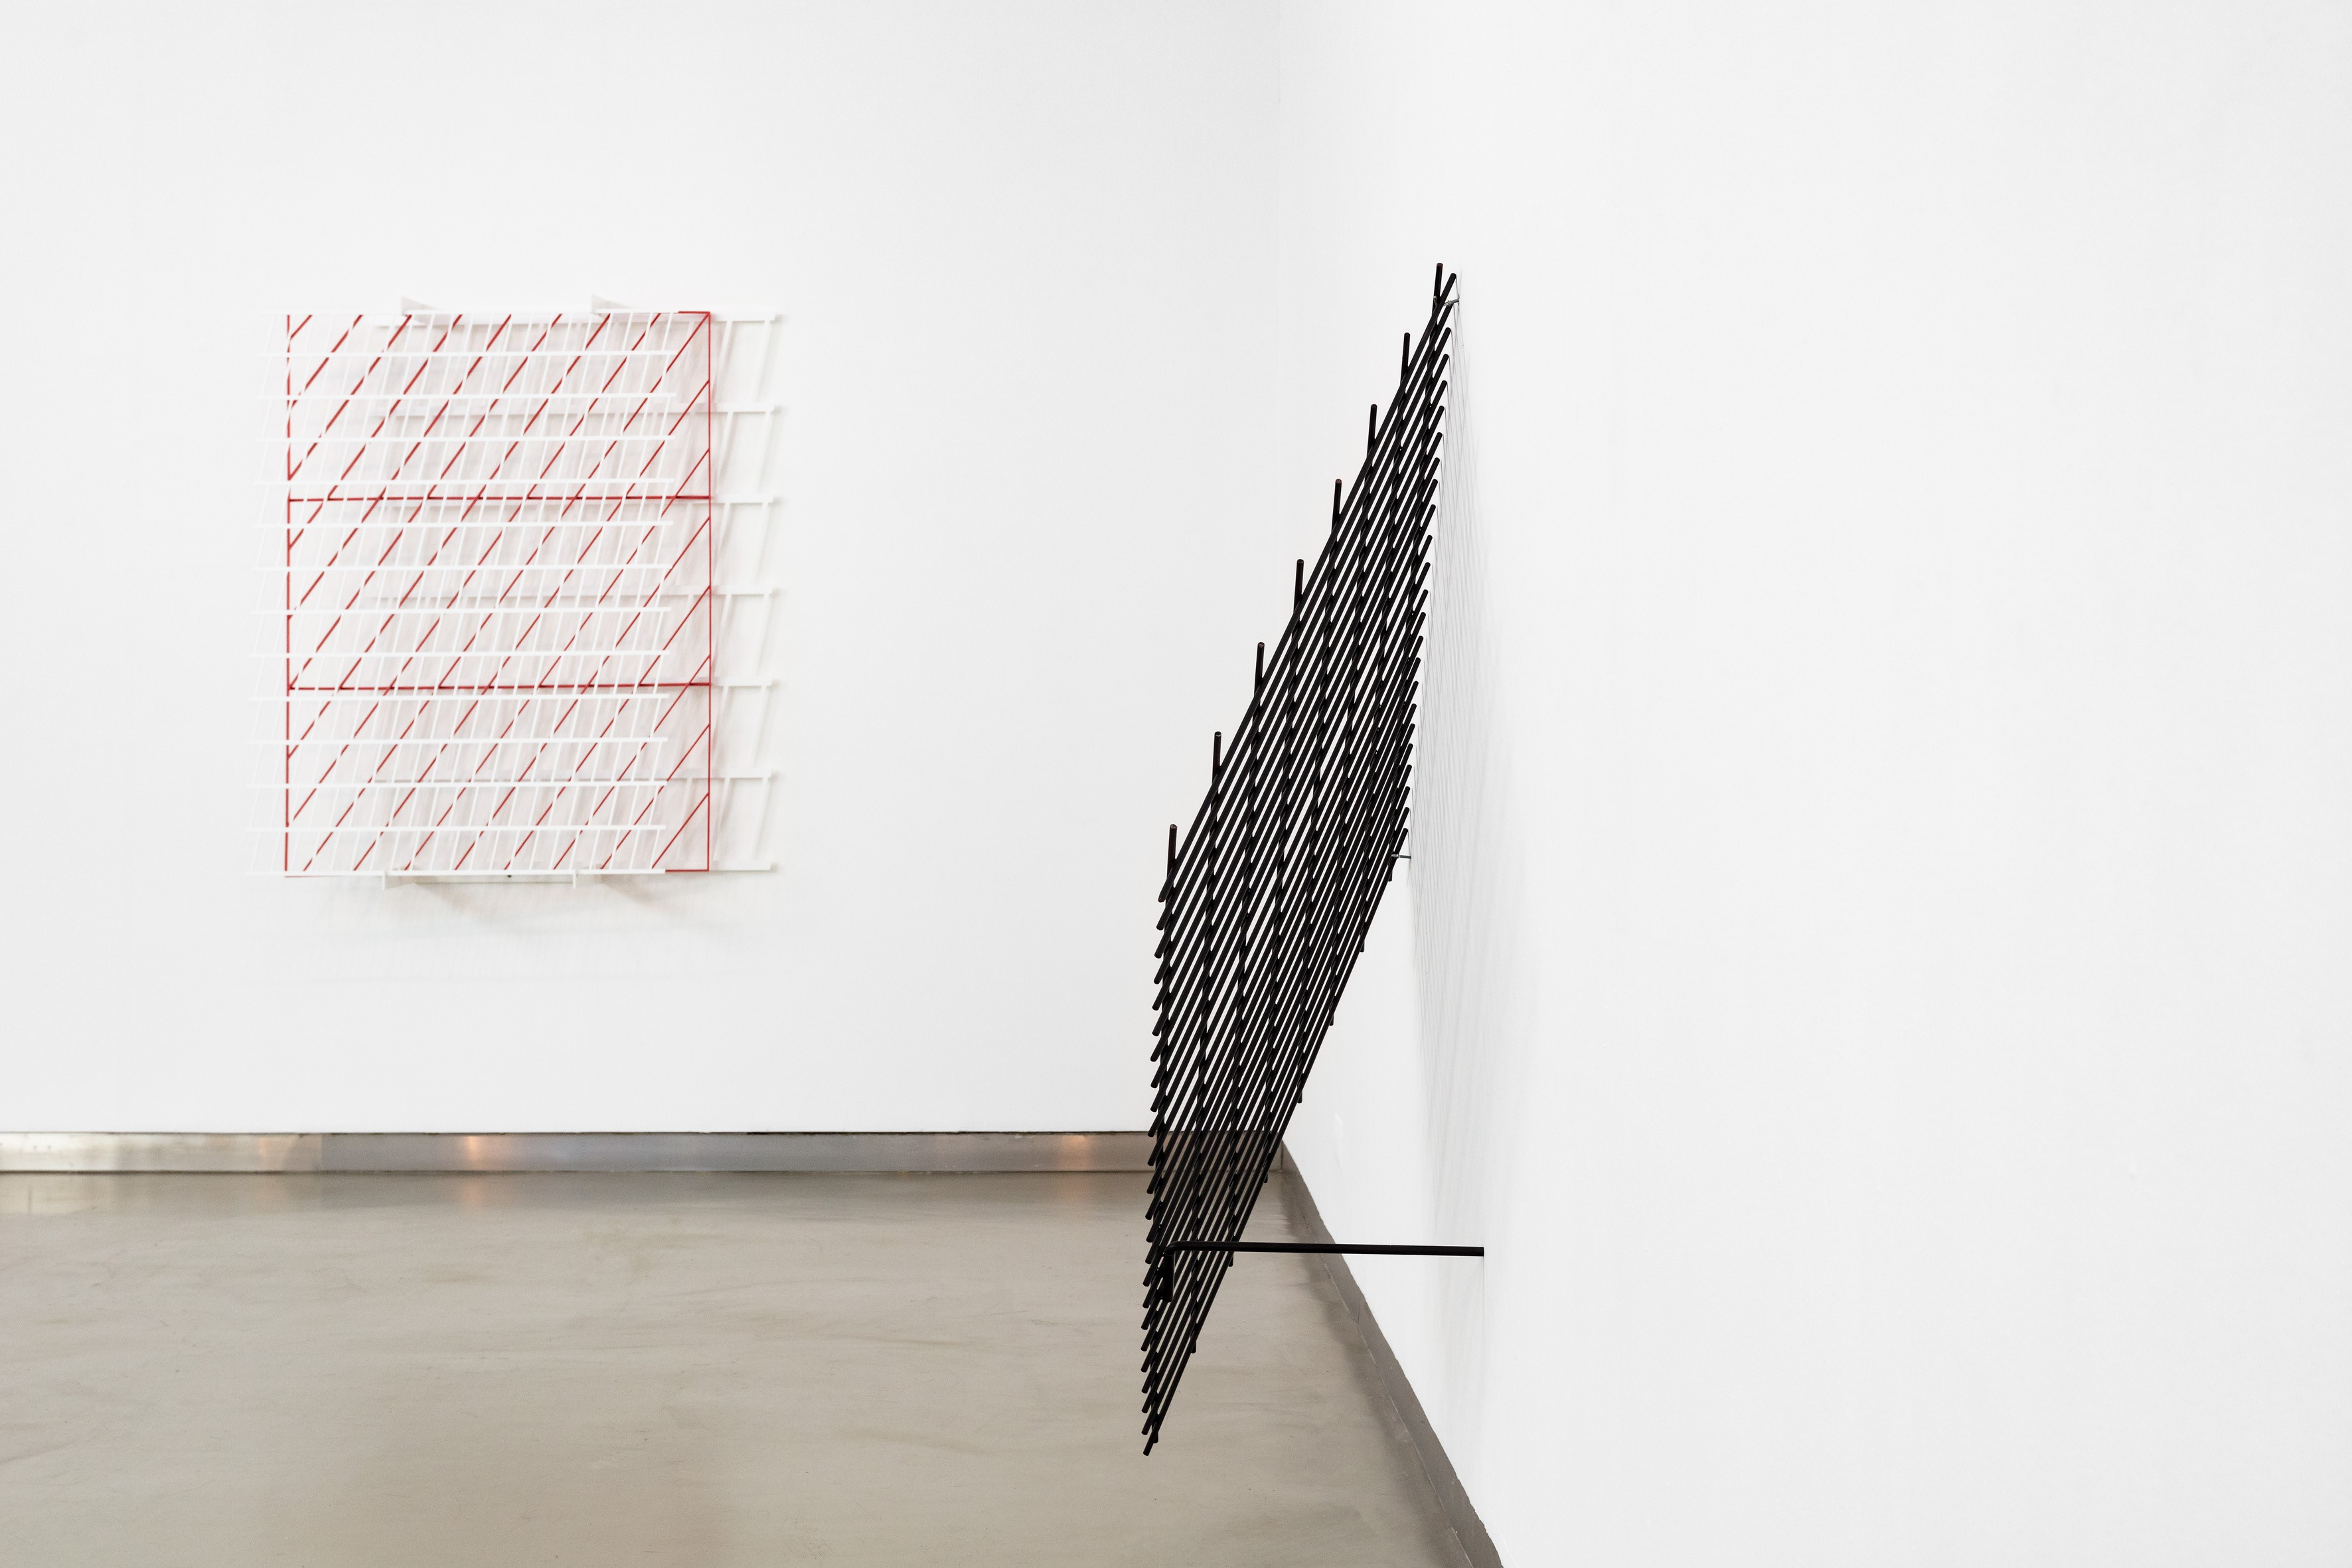 Foto de exposição Galeria Filomena Soares (4).jpg